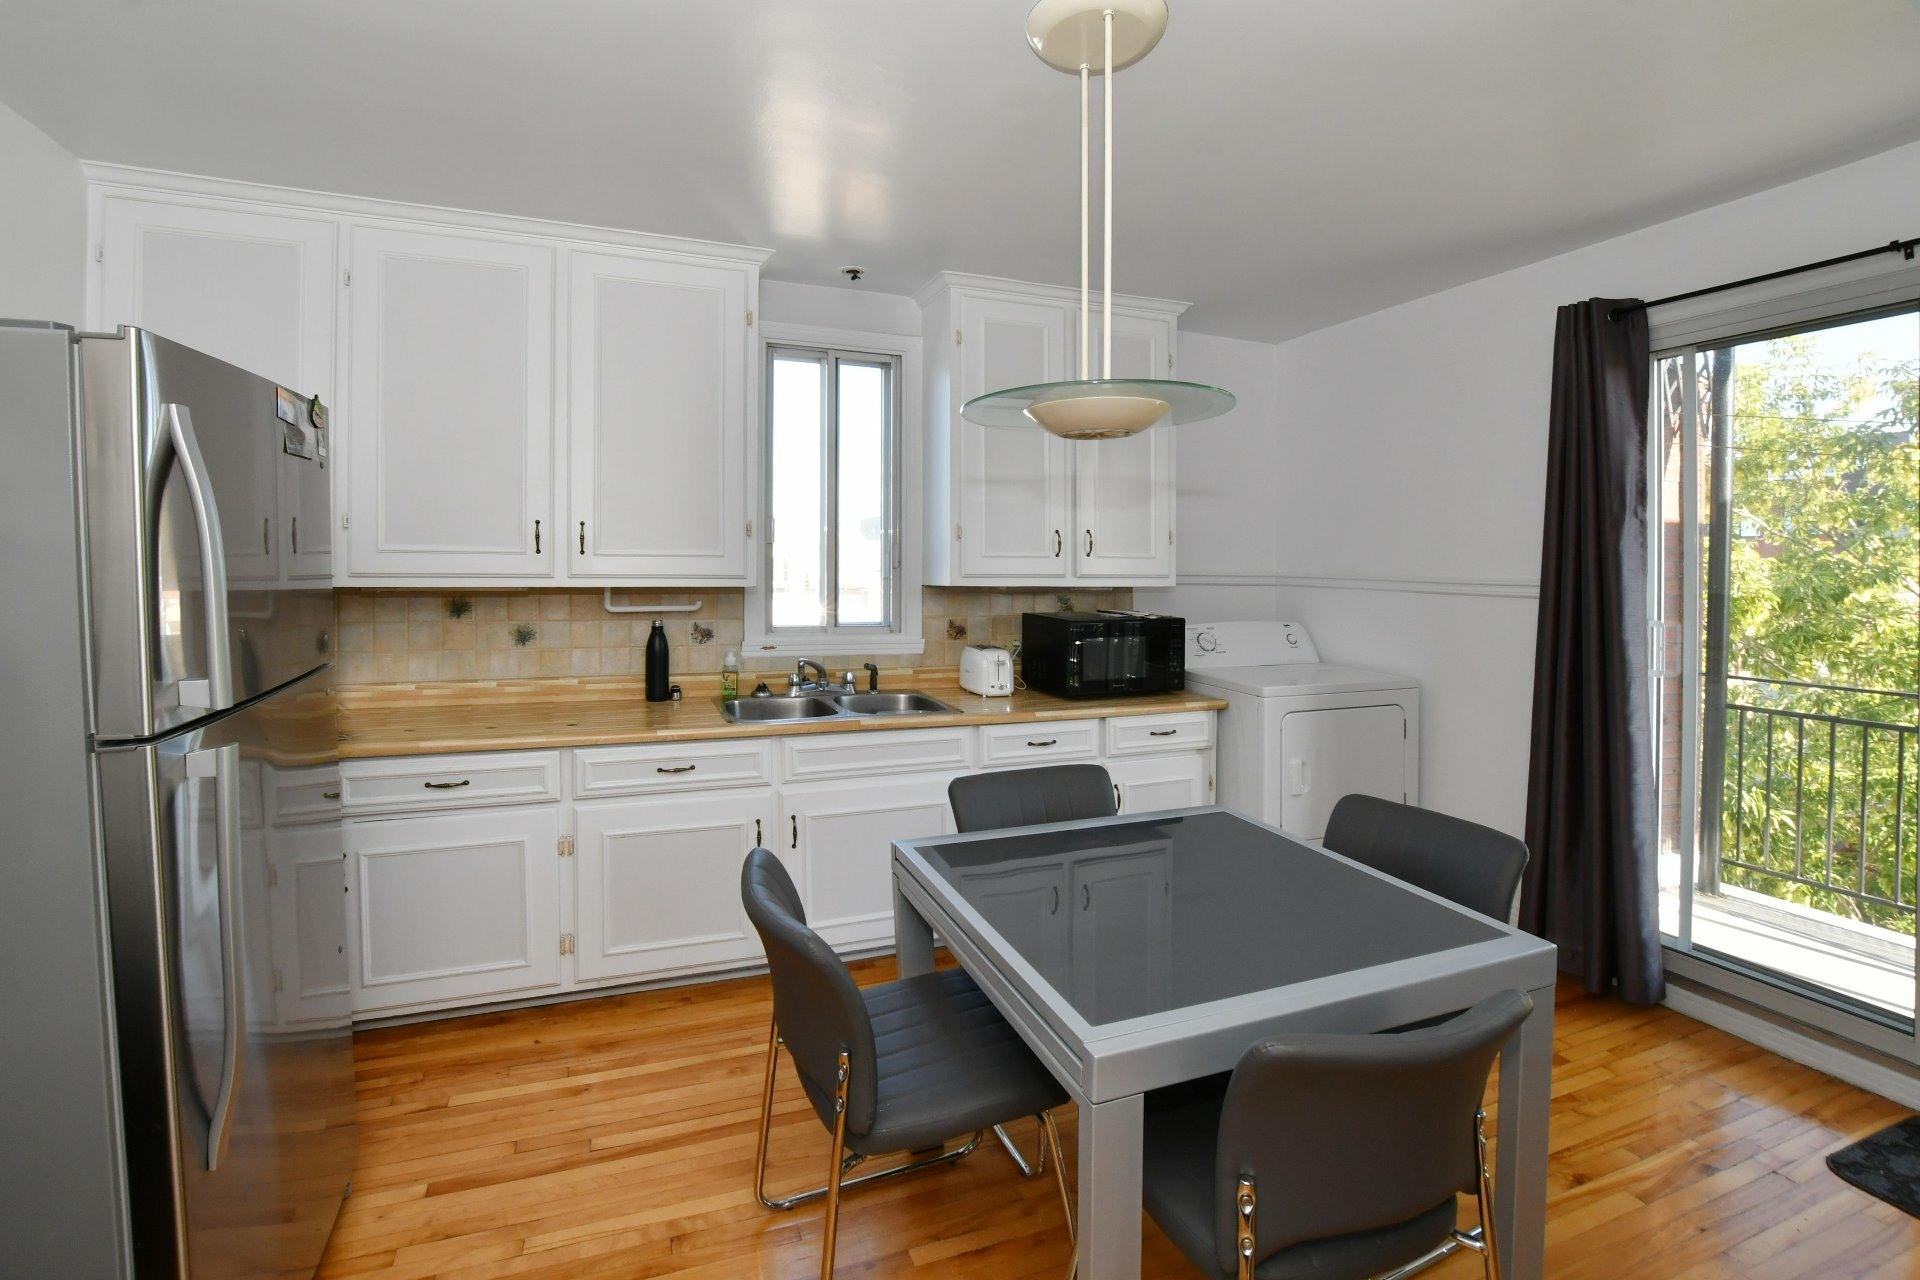 image 2 - Immeuble à revenus À vendre Montréal Villeray/Saint-Michel/Parc-Extension  - 4 pièces